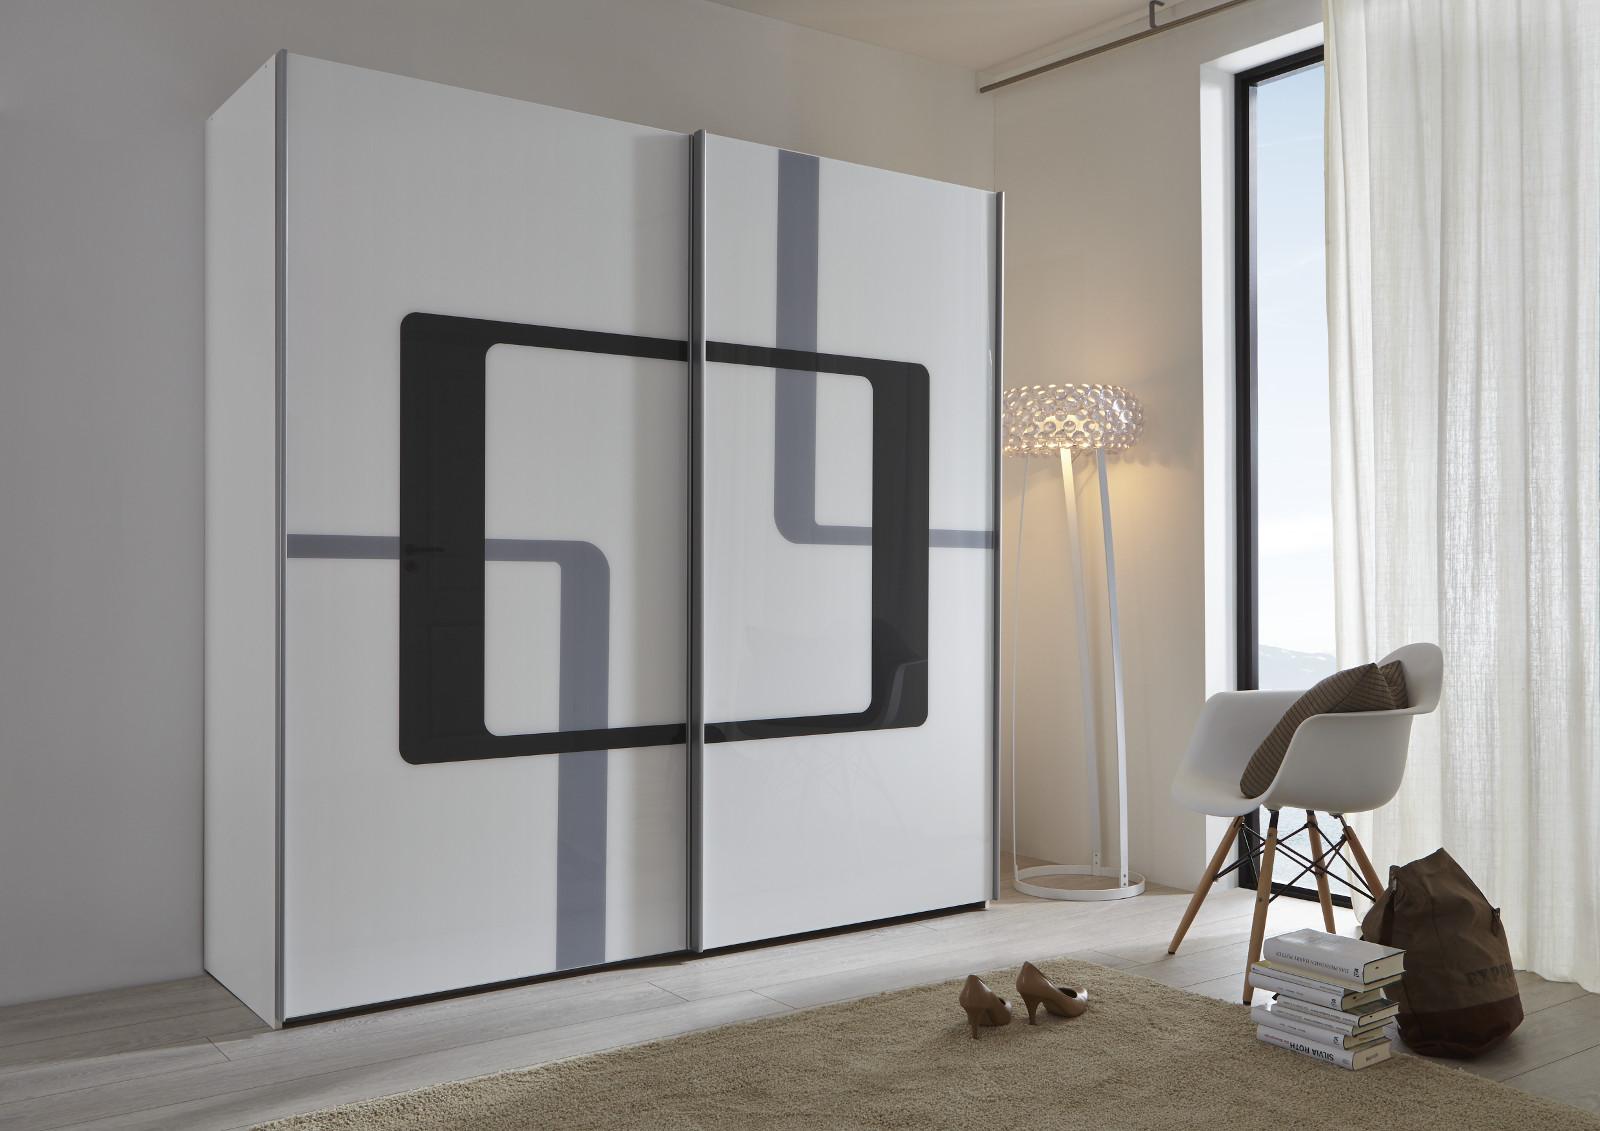 schwebet renschrank schwarz spiegel rundspiegel. Black Bedroom Furniture Sets. Home Design Ideas